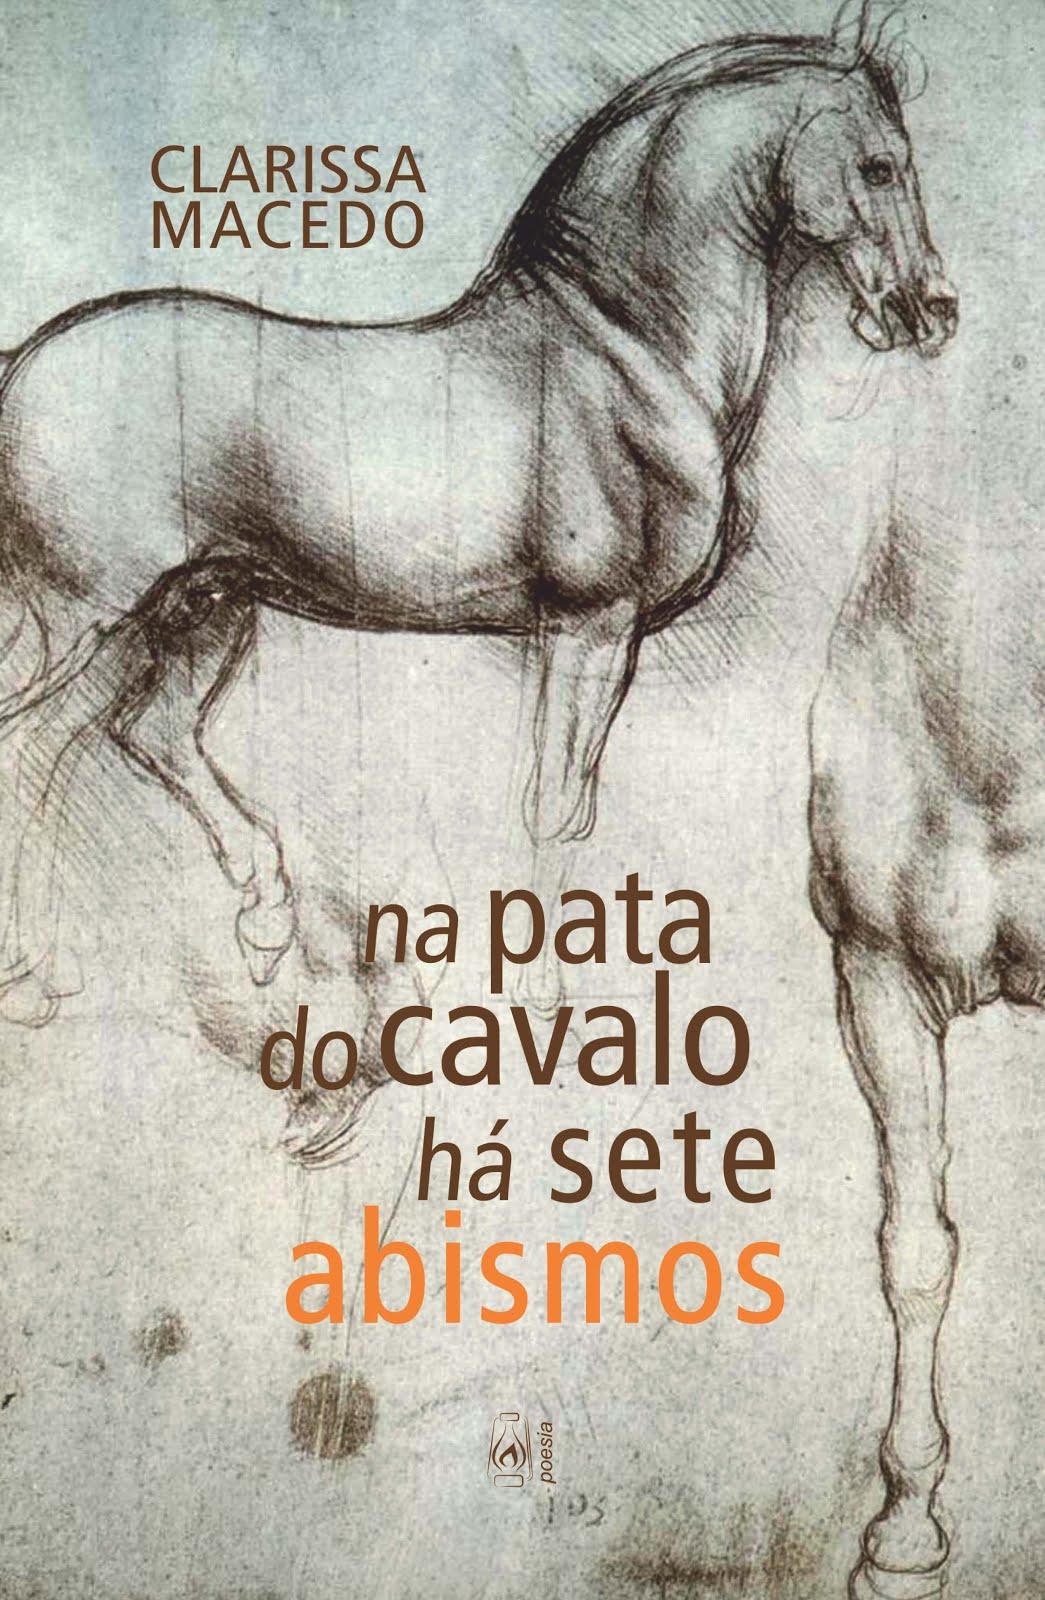 2ª edição do livro Na pata do cavalo há sete abismos